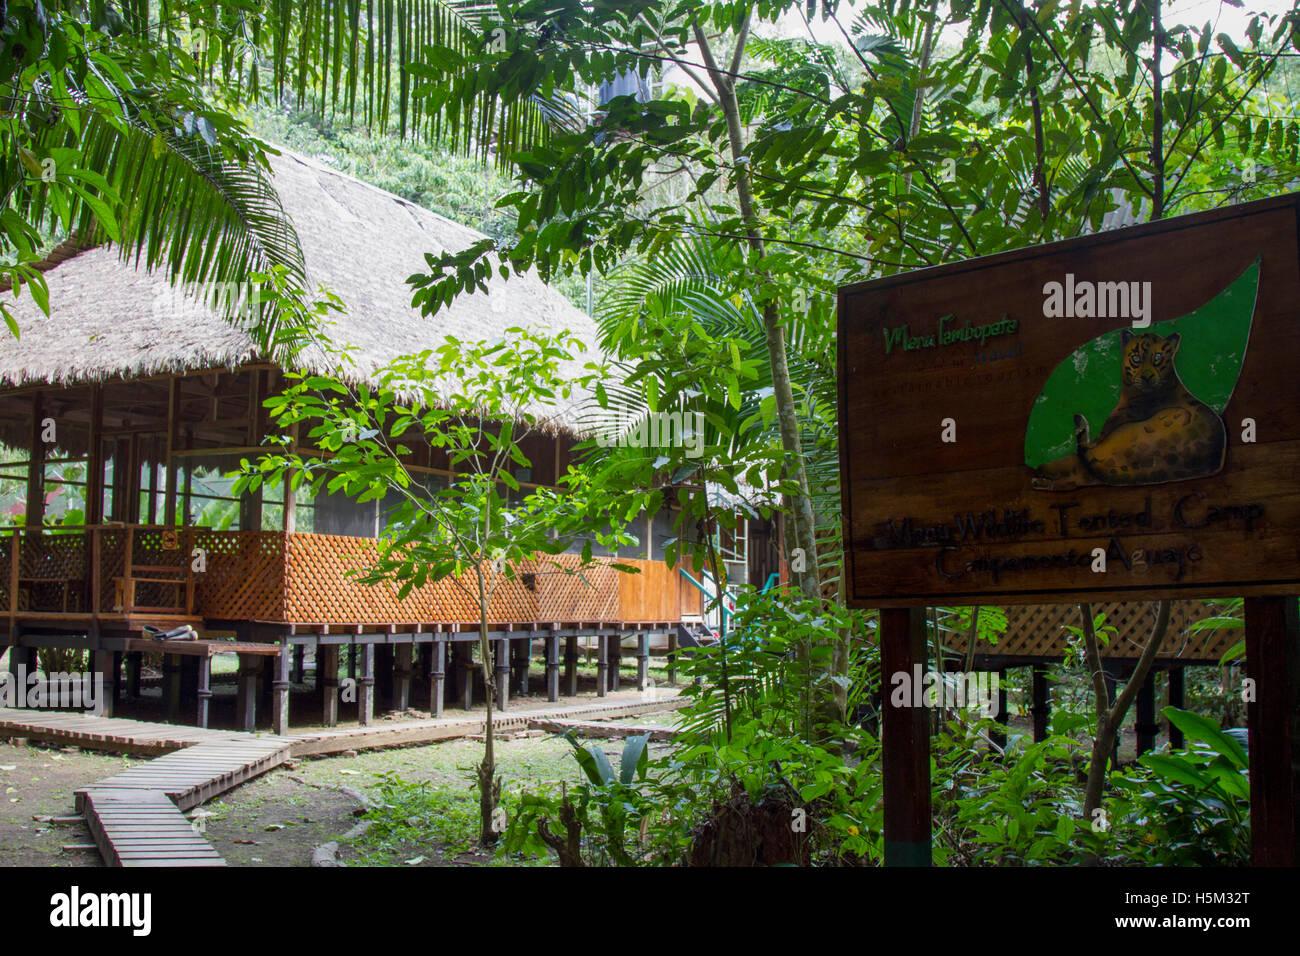 Aguaje Tented Camp in the Manu National Park, Peru - Stock Image